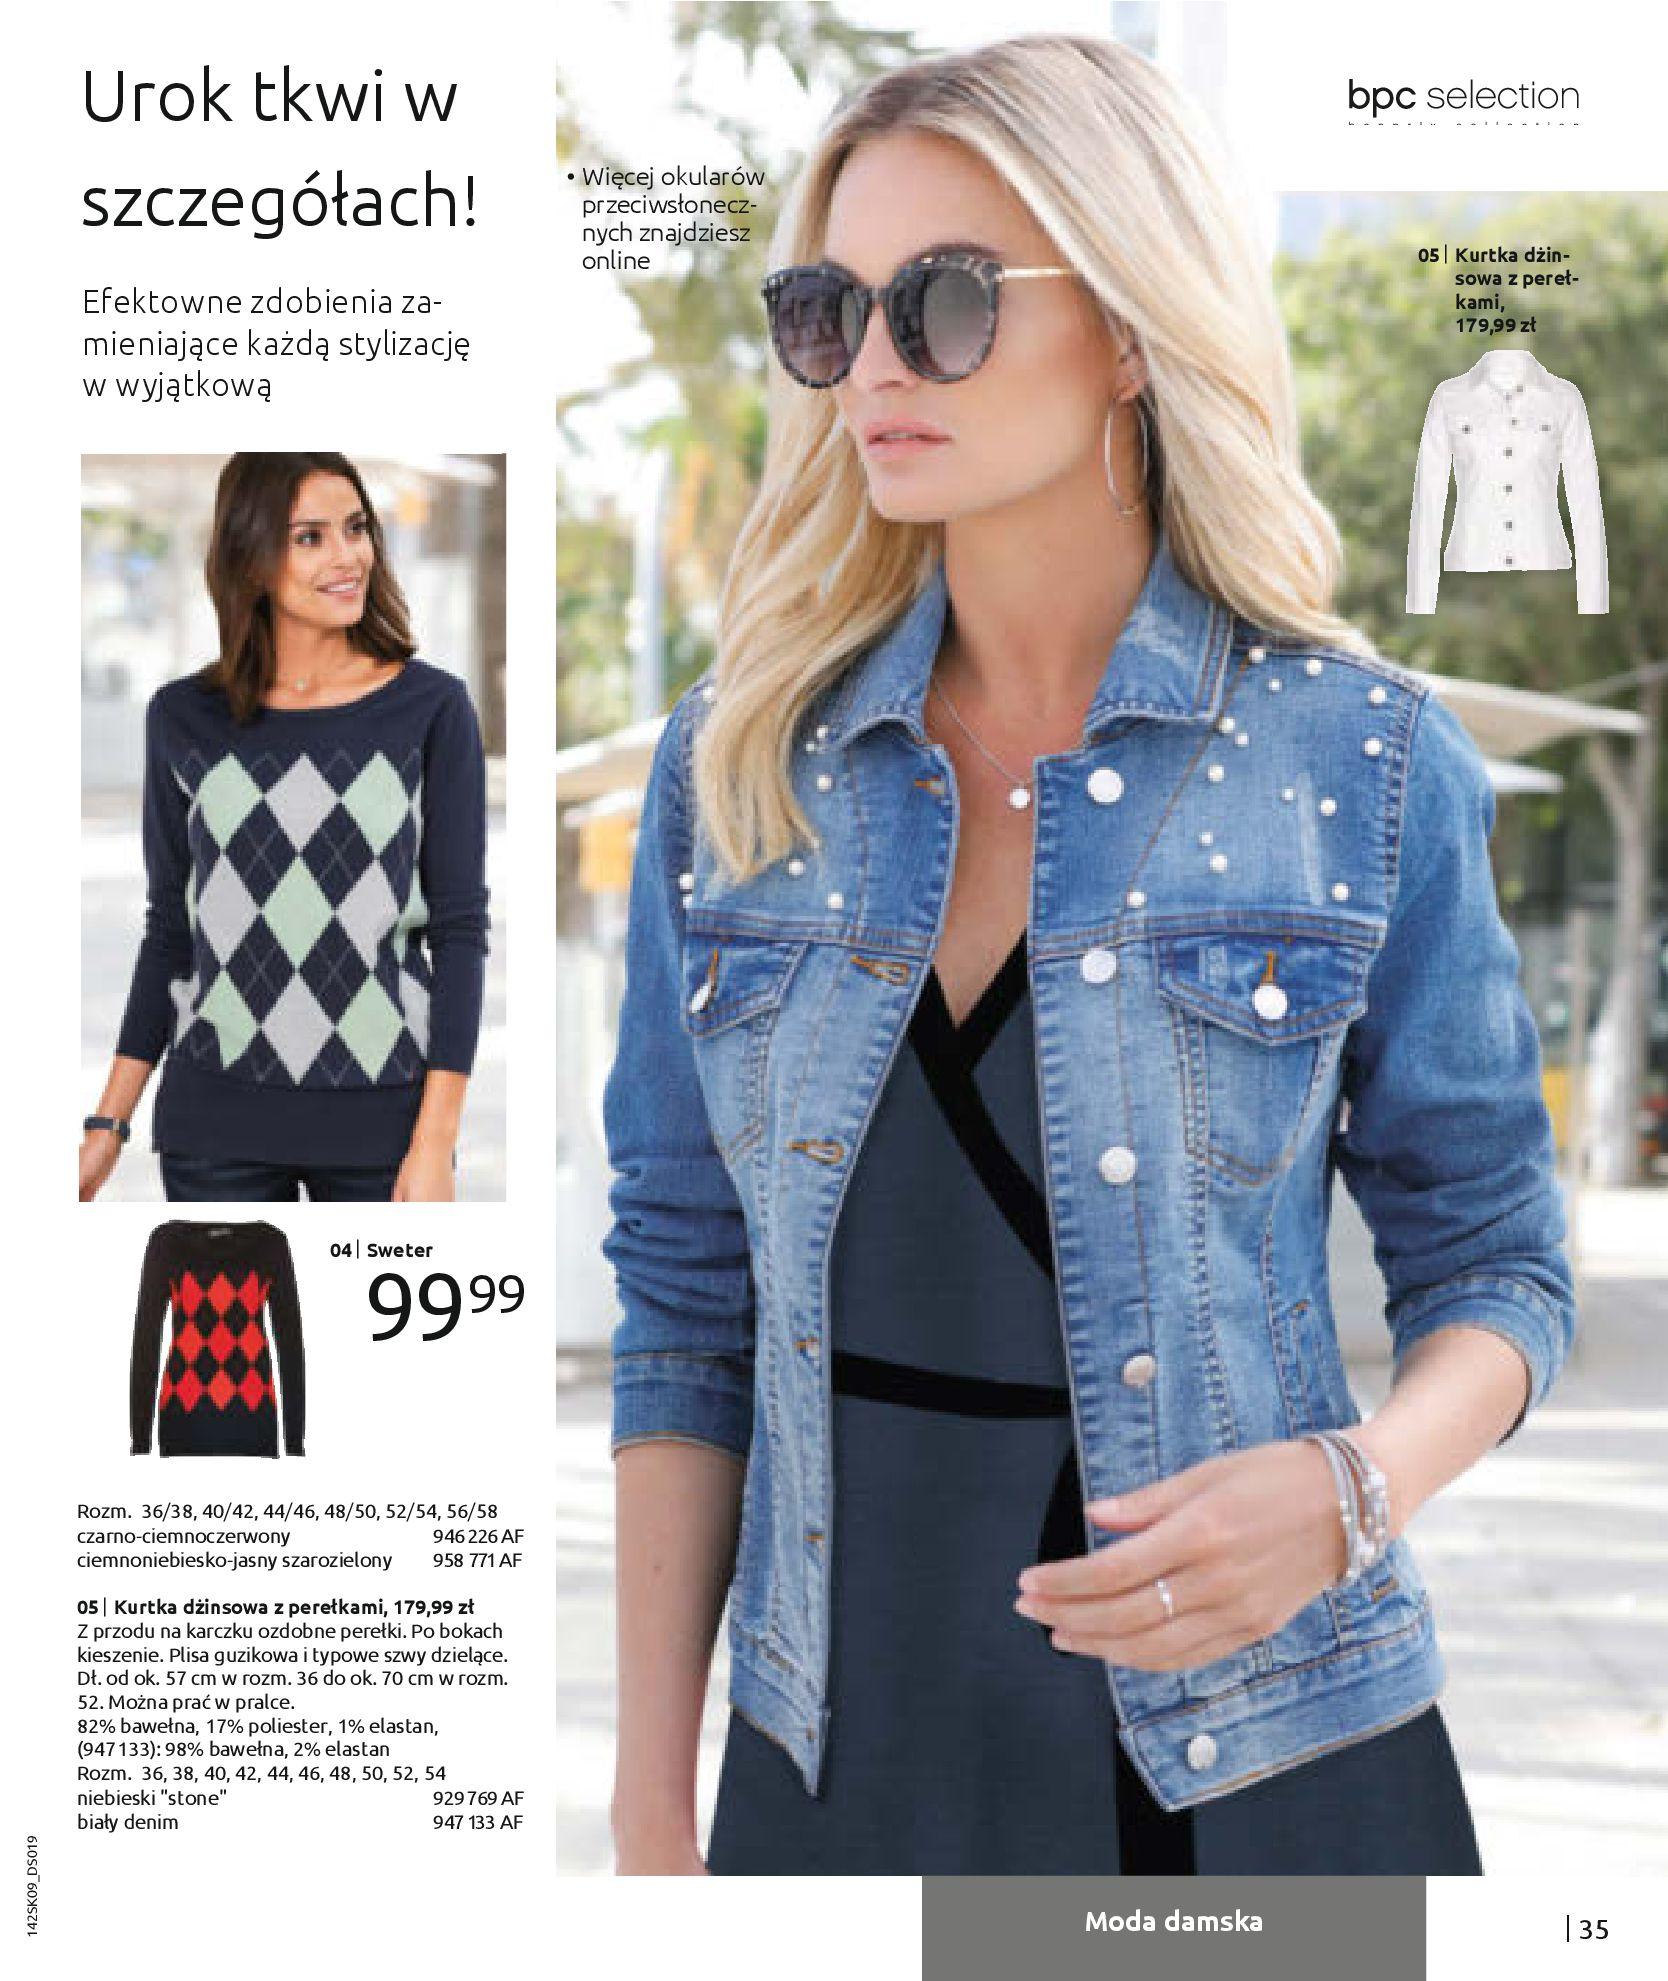 Gazetka Bonprix - Jesienny look-31.08.2020-28.02.2021-page-37